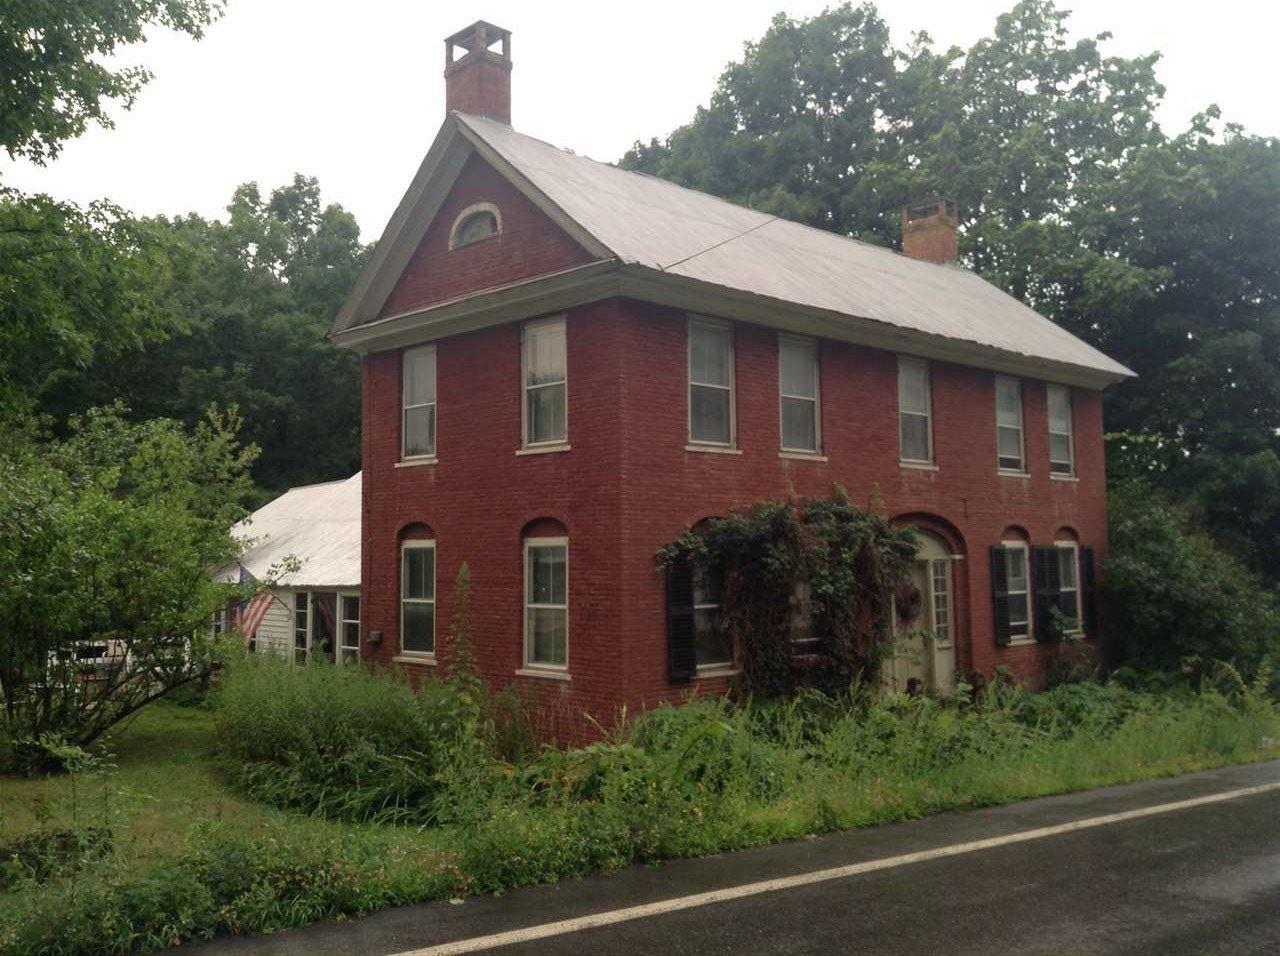 6609 Vermont Route 30, Townshend, VT 05353 - MLS#: 4786912